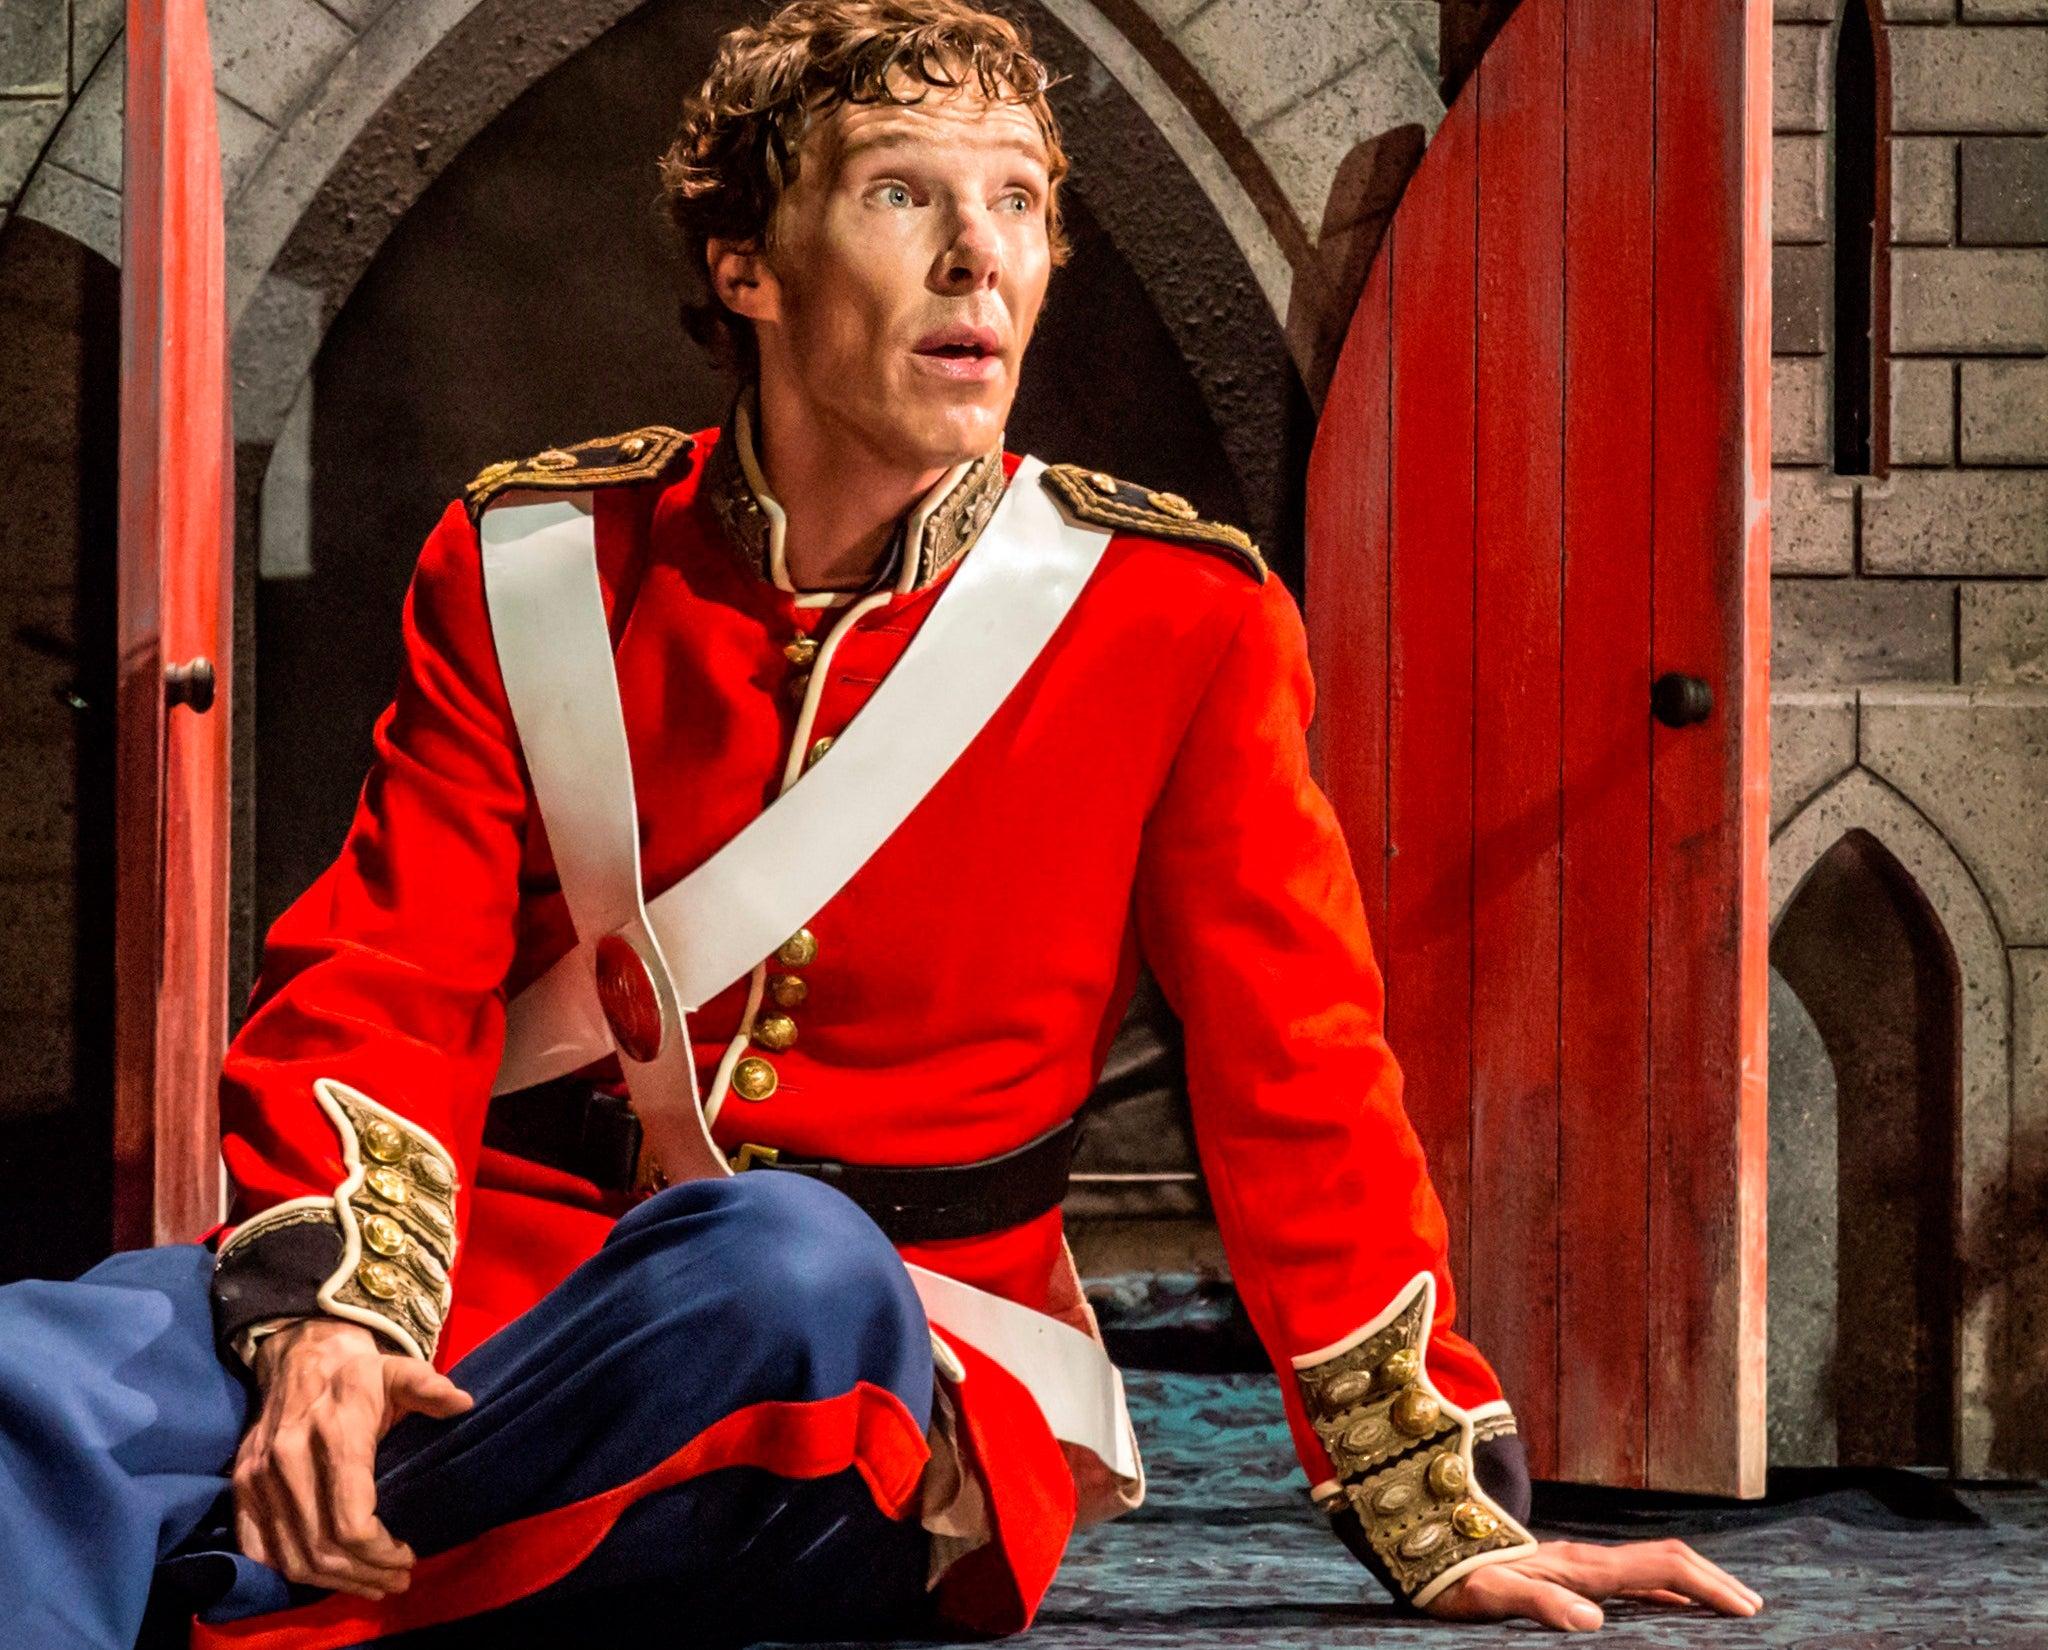 Benedict Timothy Carlton Cumberbatch CBE Hammersmith 19 de julho de 1976 é um ator britânico mais conhecido pelos seus papéis como Sherlock Holmes na série de